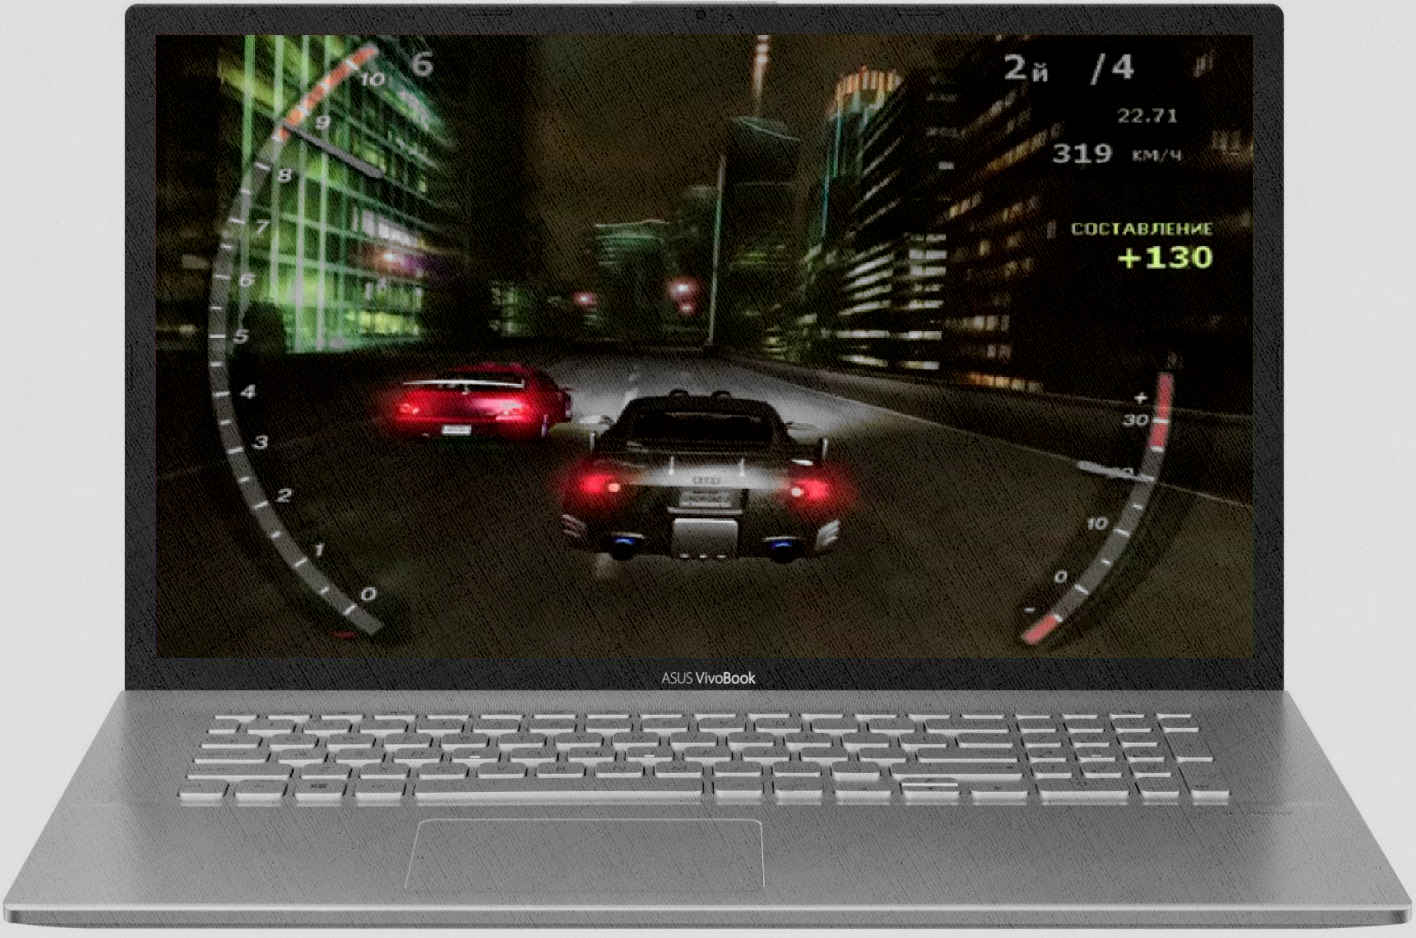 ASUS VivoBook X712DK-AU020T